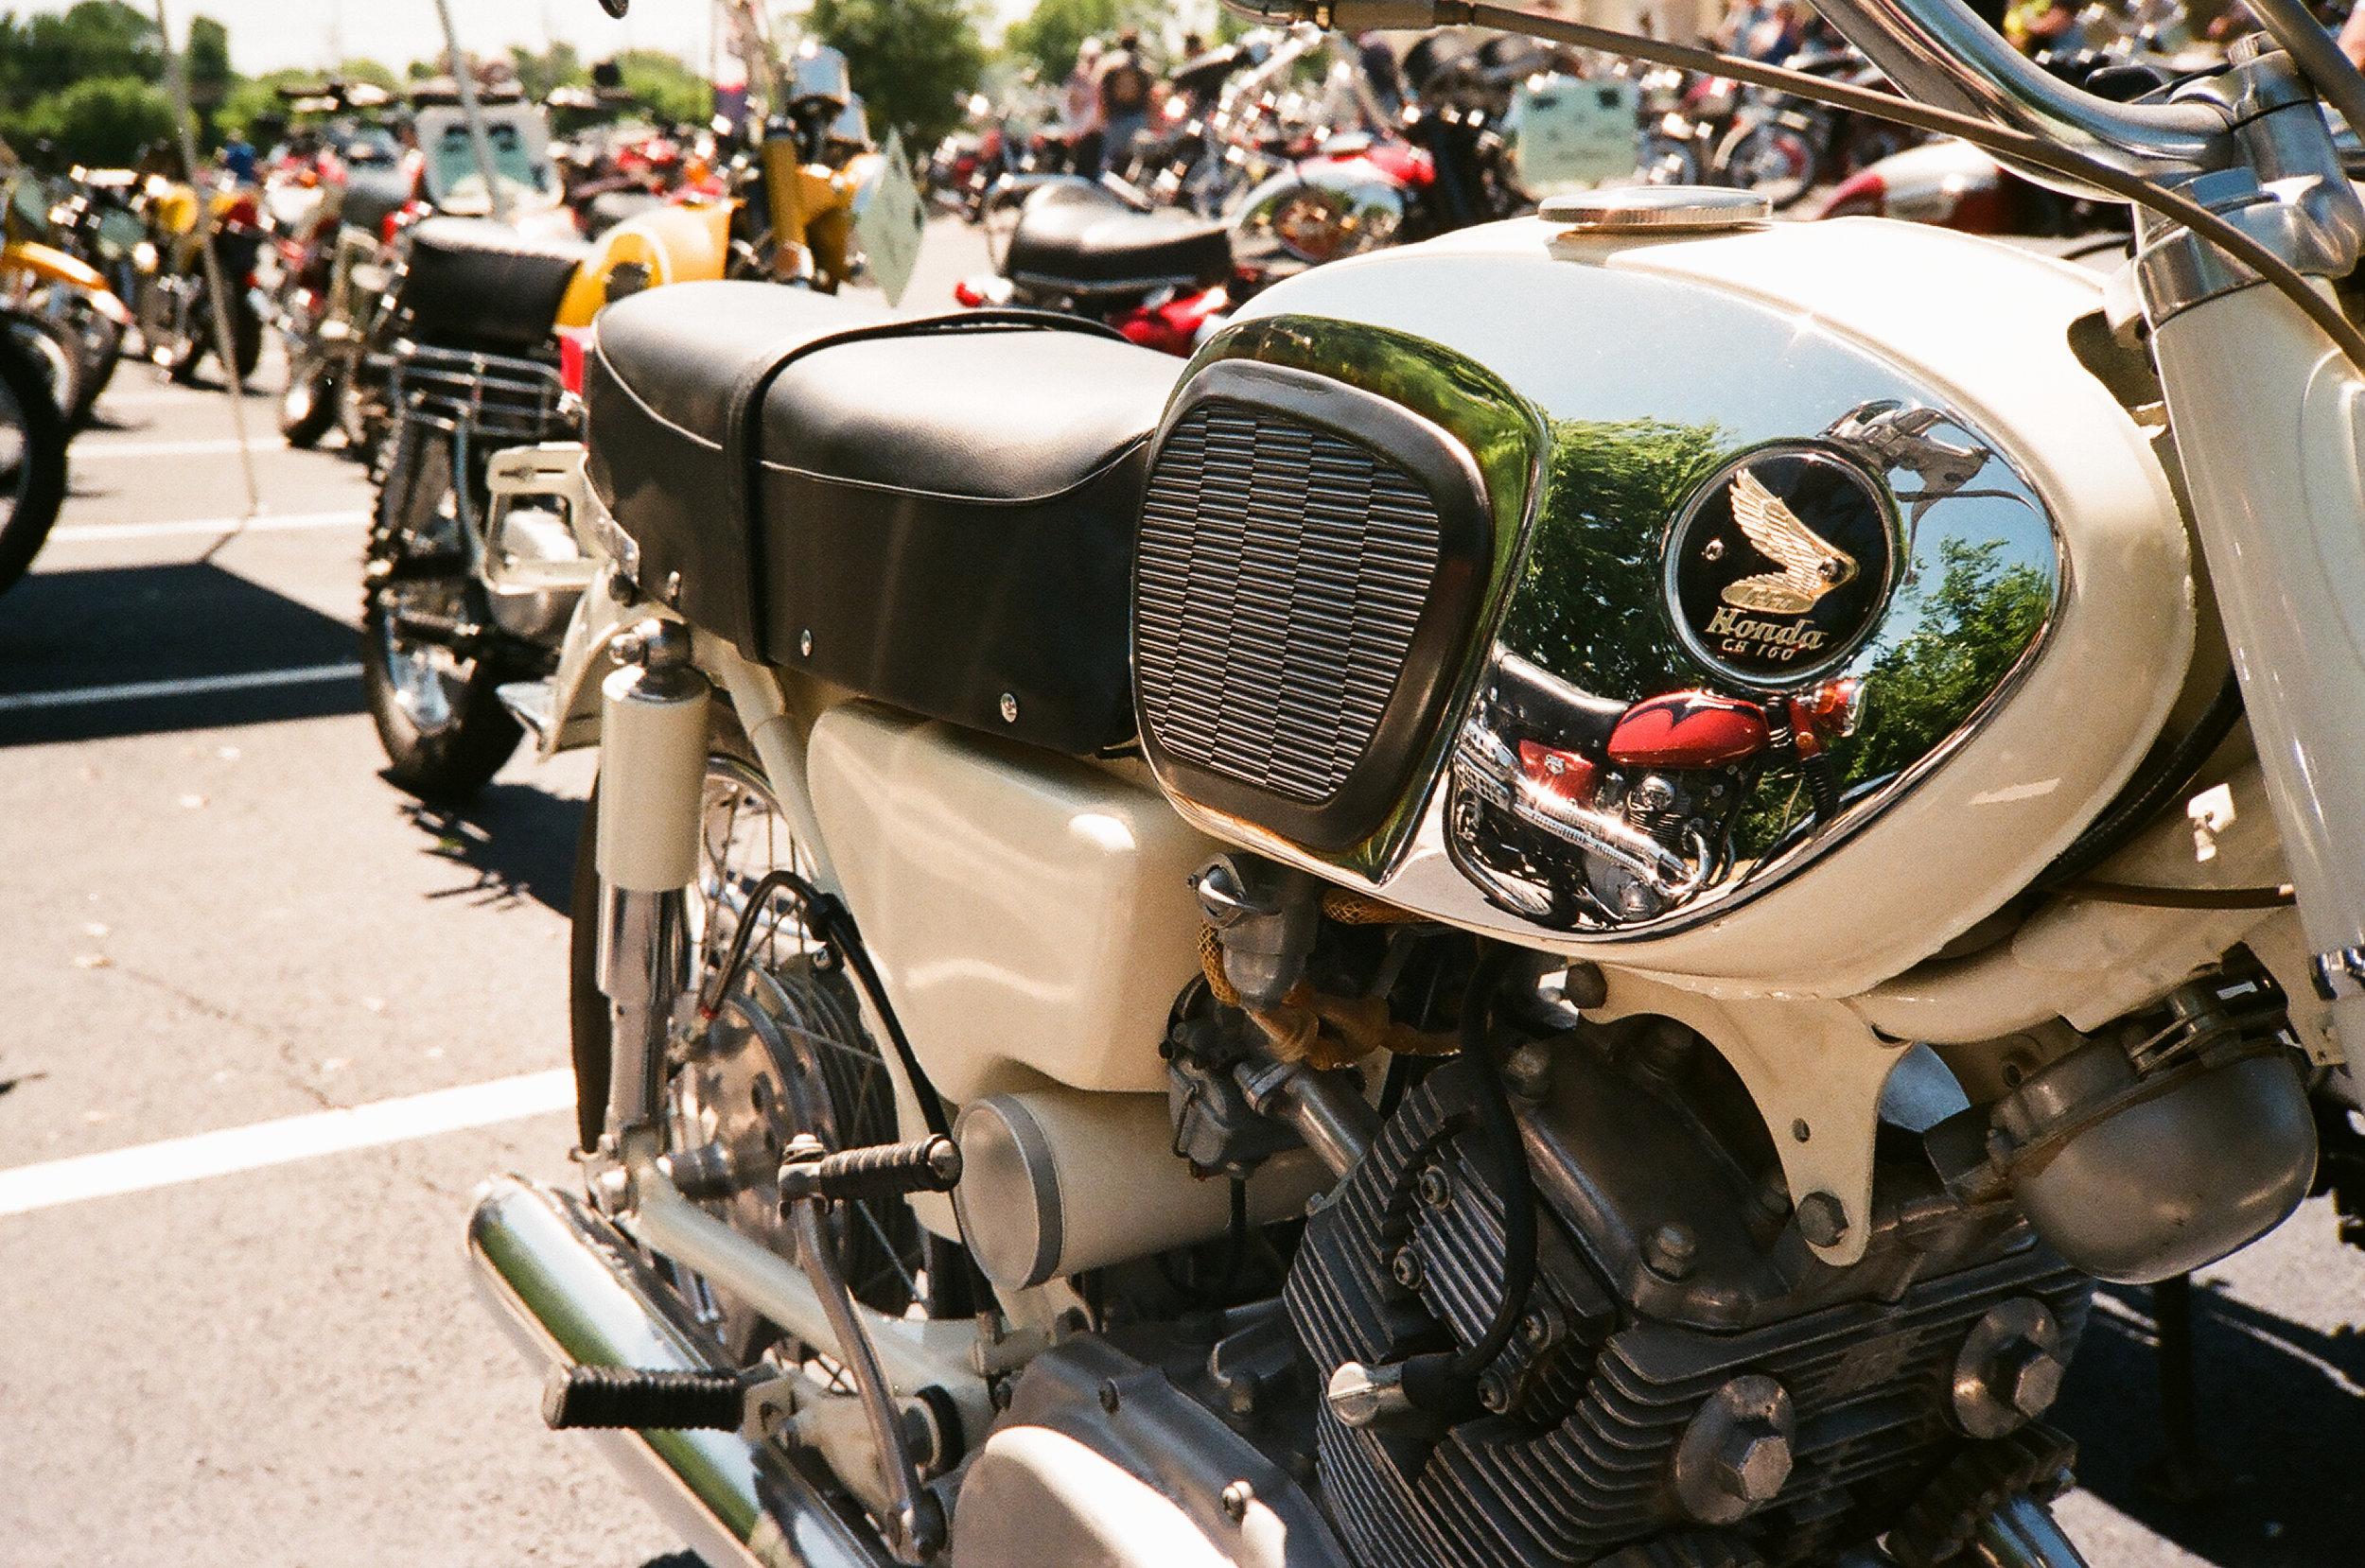 texas-motorcycle-revival-2017-58500034.jpg